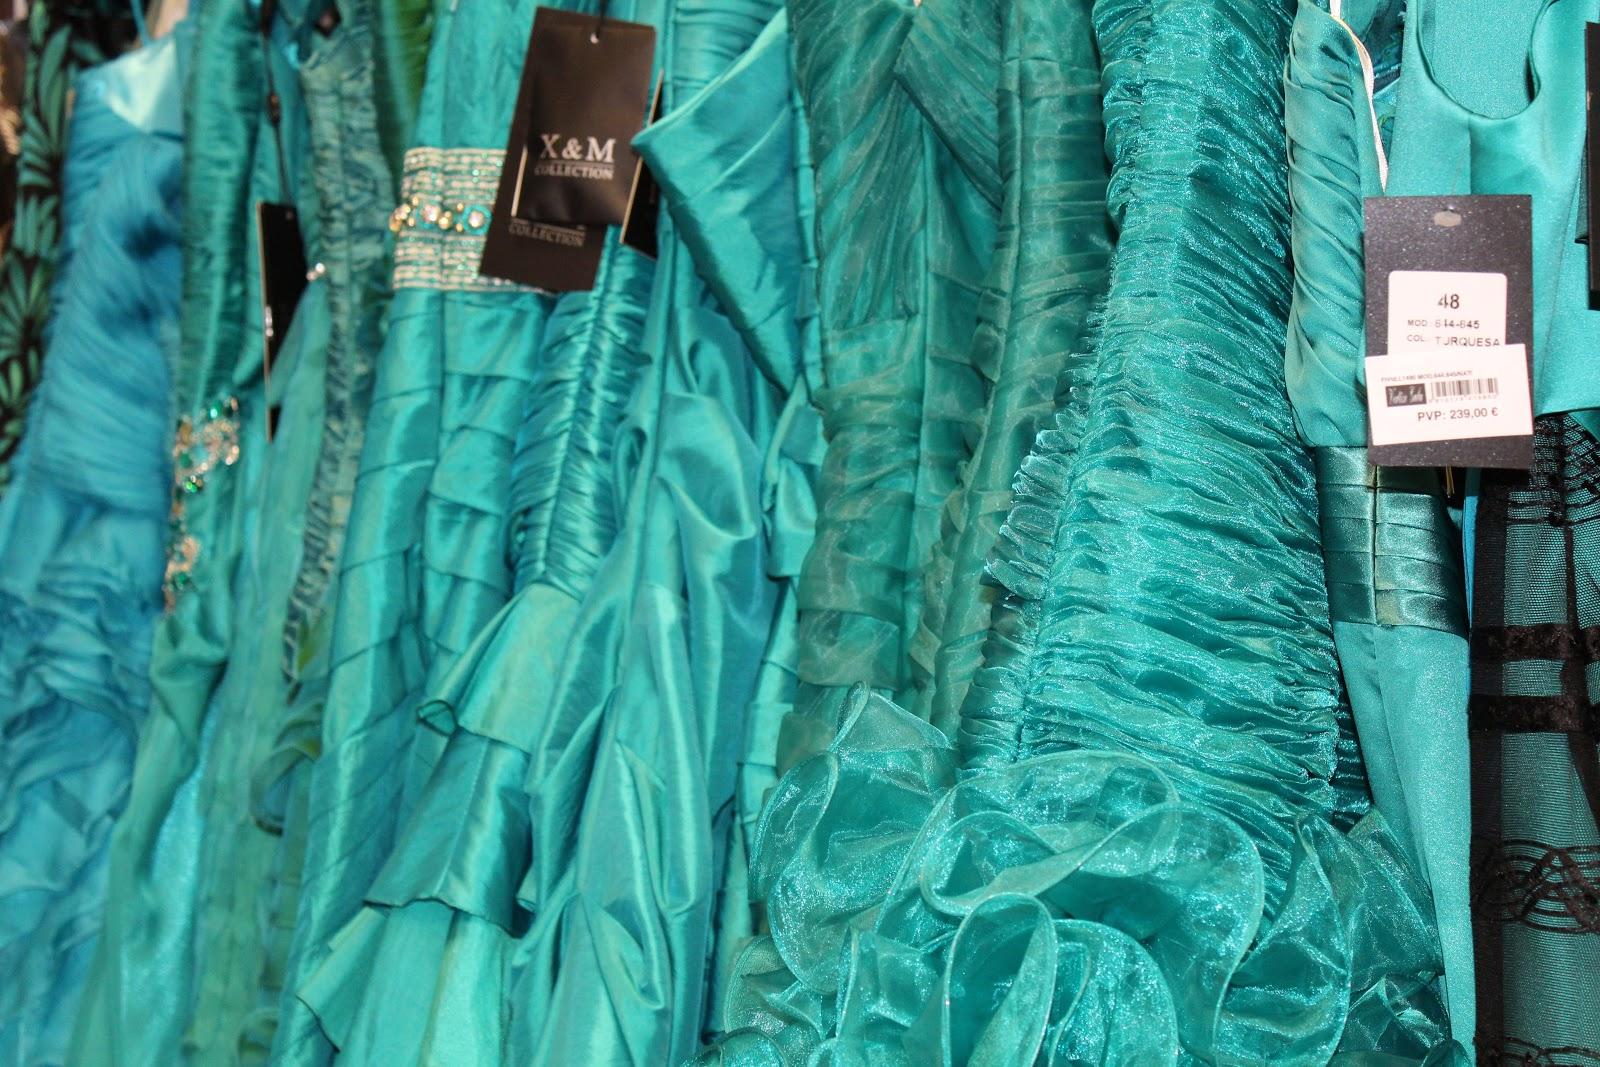 ebf72933f Vi dos vestidos que me probé el año pasado para este año (es decir